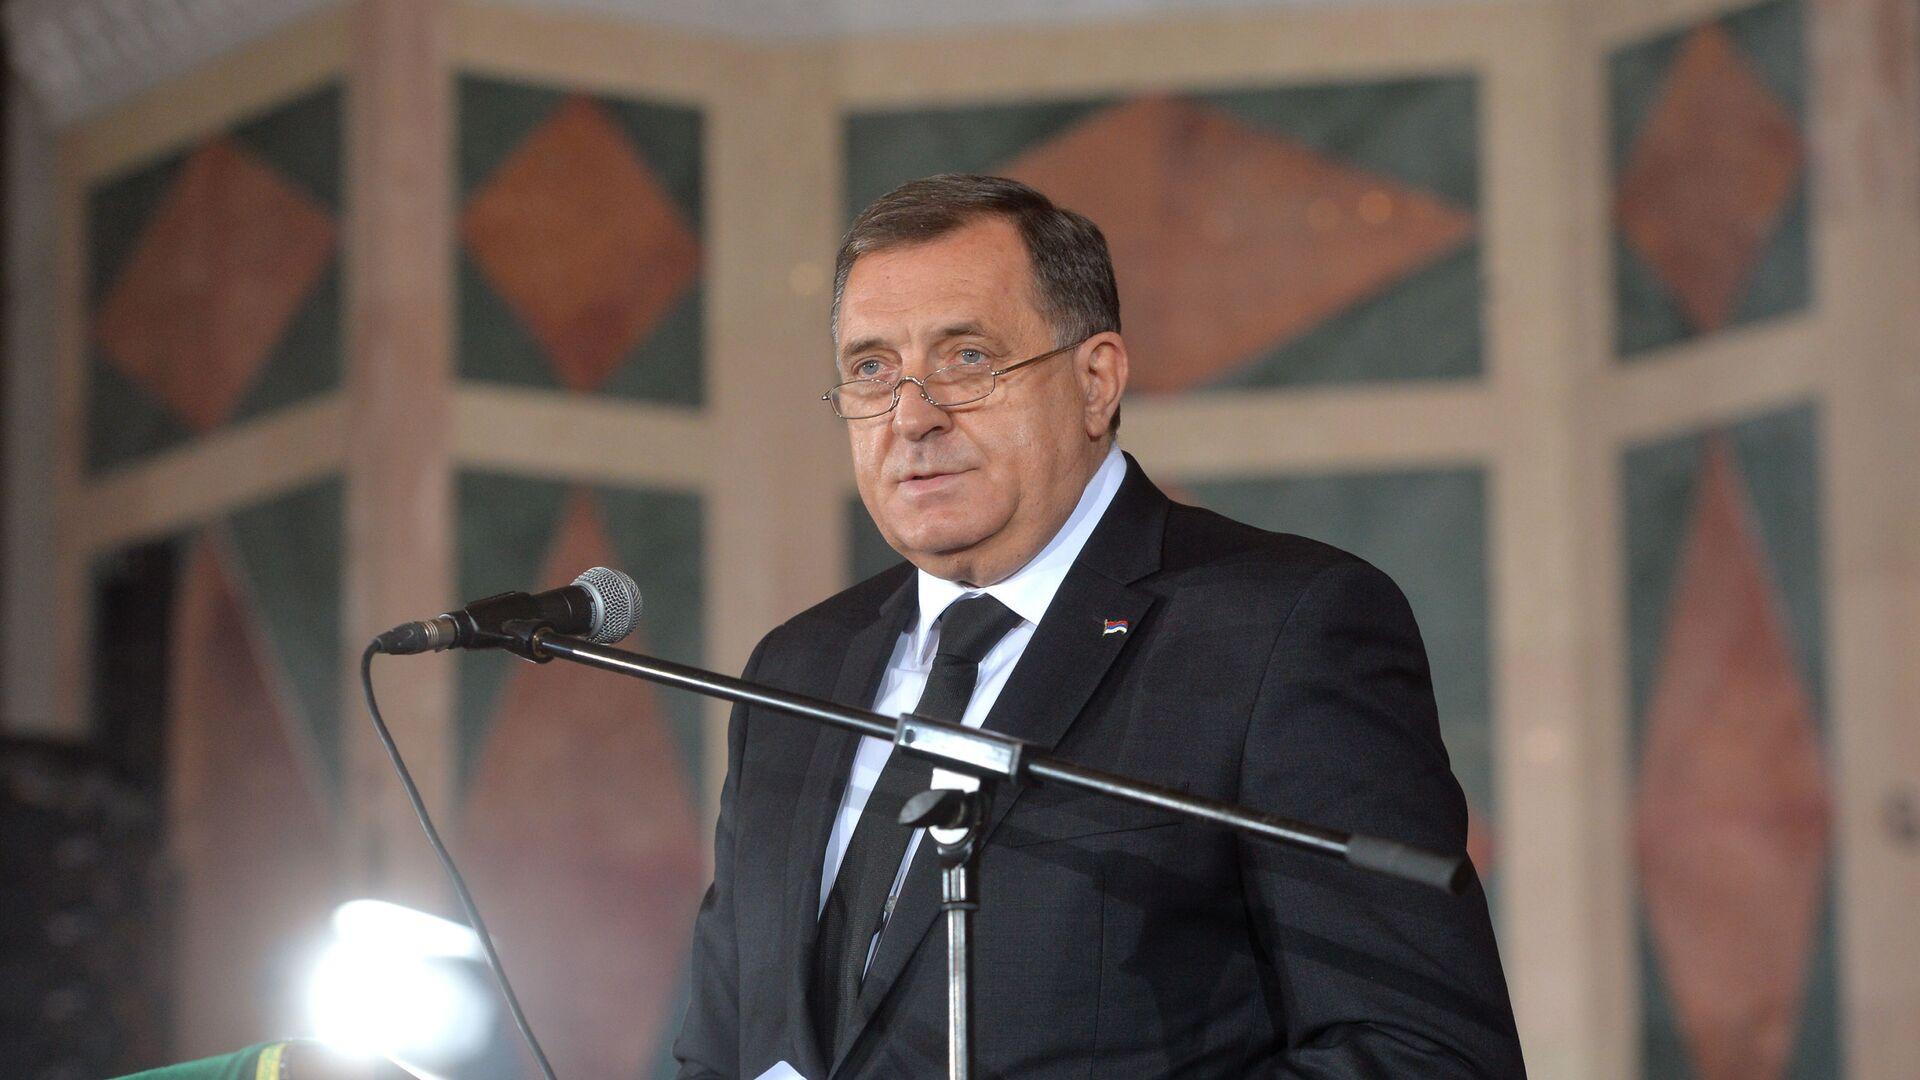 Milorad Dodik govori na sahrani patrijarha Irineja. - Sputnik Srbija, 1920, 27.07.2021